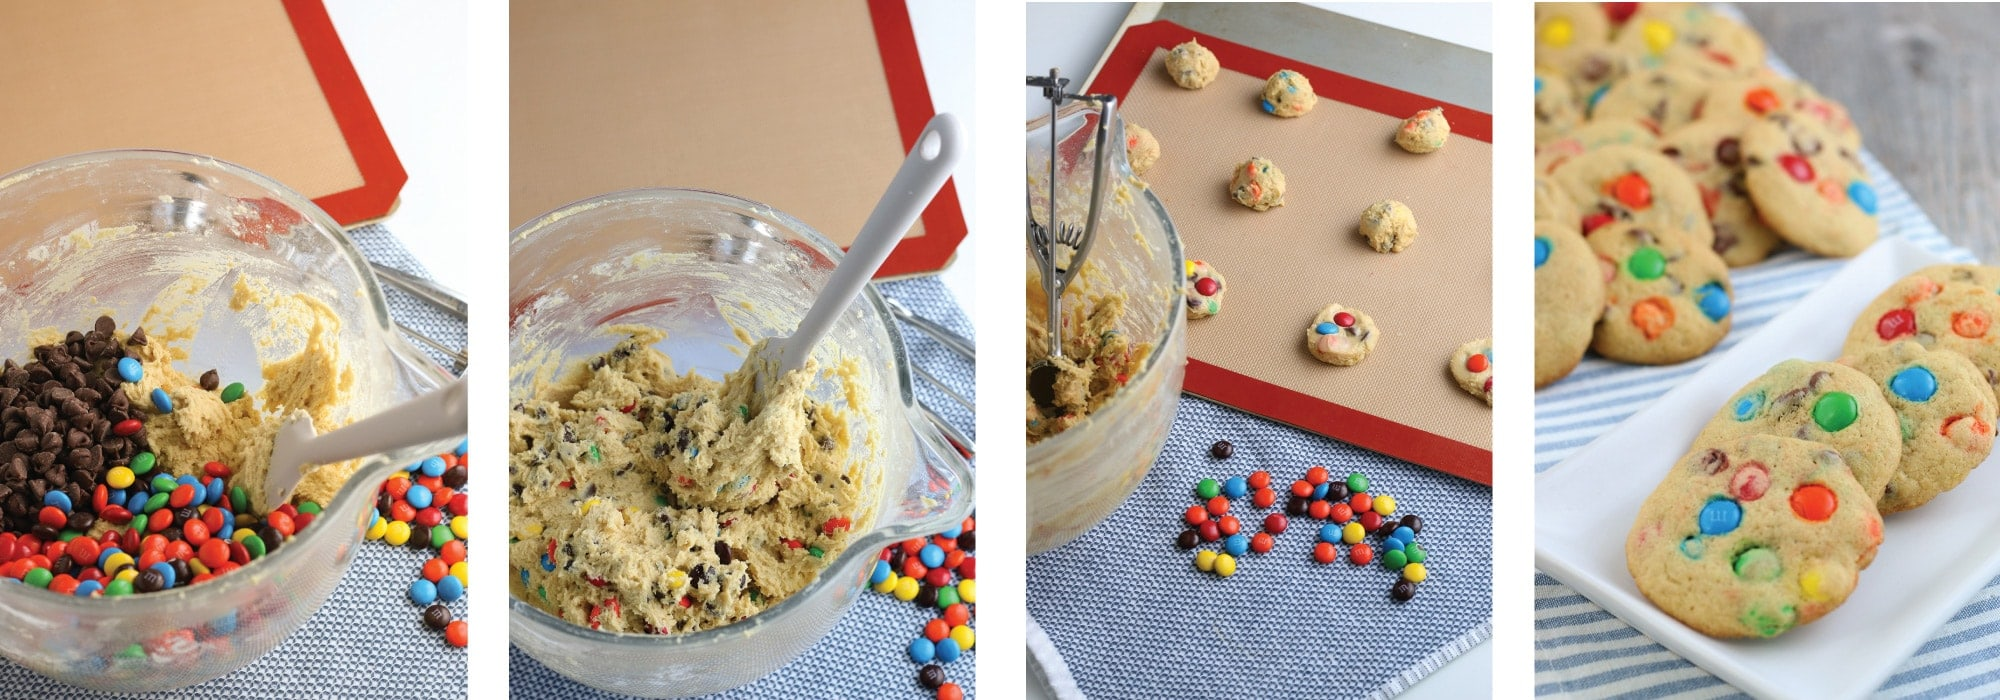 M&M Cookie dough on sheet pan